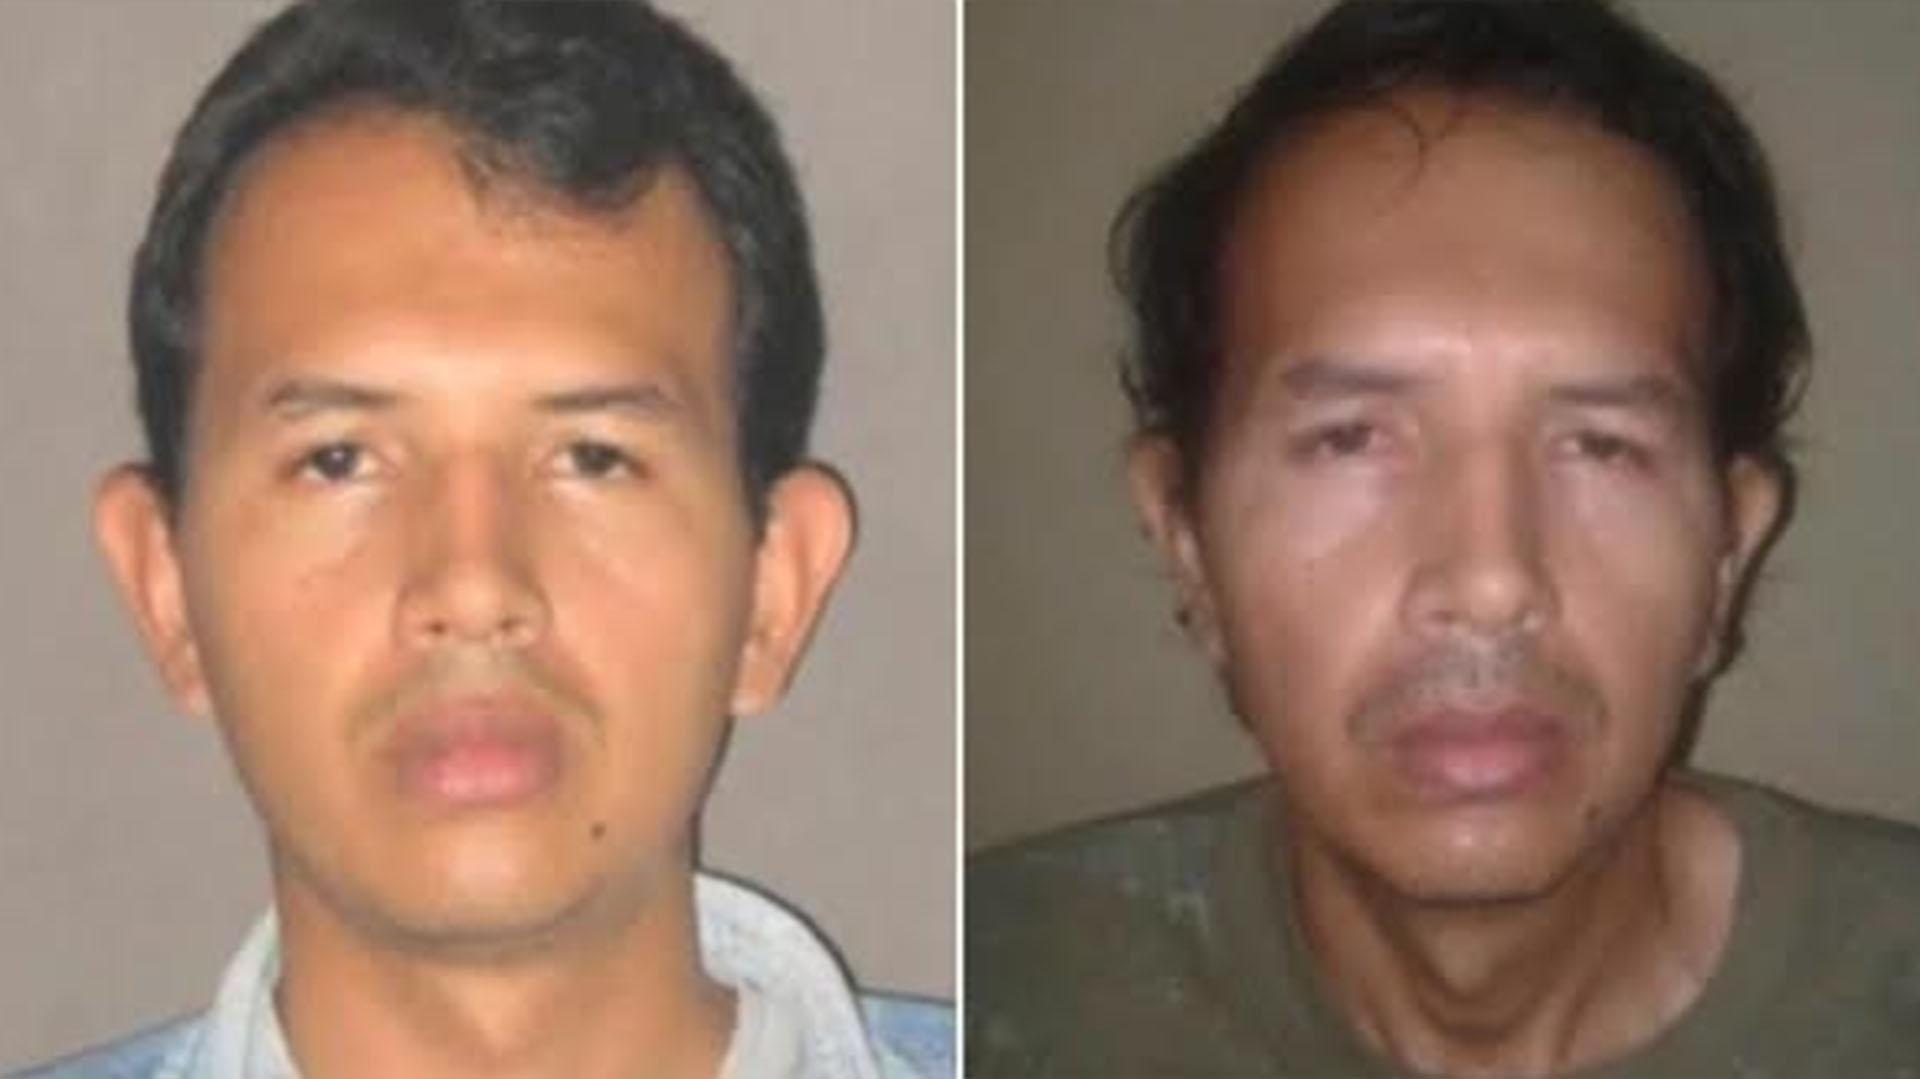 El violador serial de niños se apodó 'Lobo Feroz' en la Dark Web, donde vendía los videos de sus vejámenes como pornografía infantil.